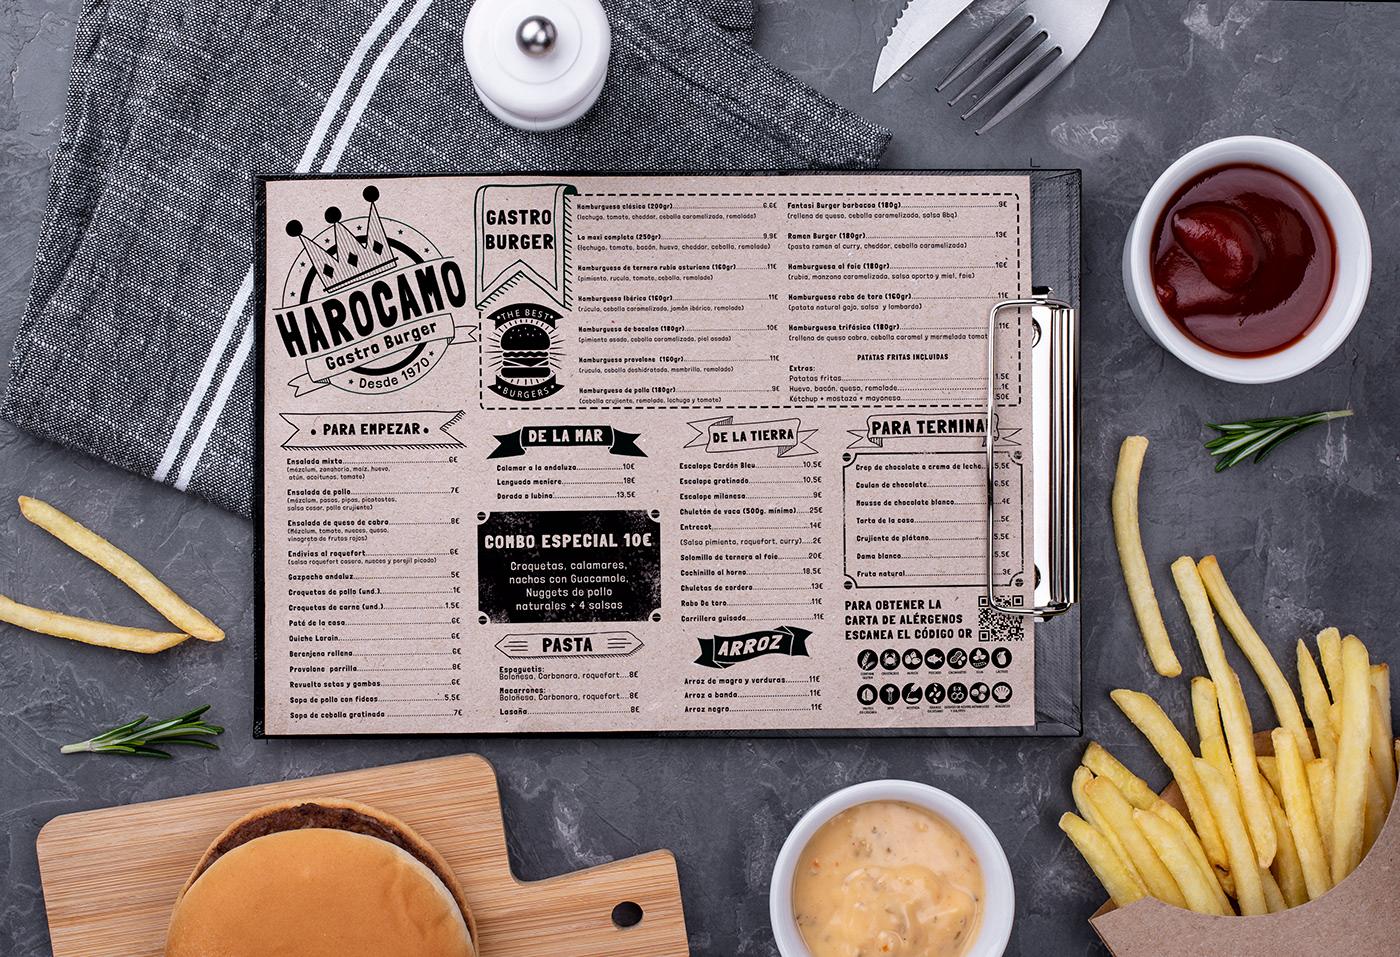 Image may contain: food and menu